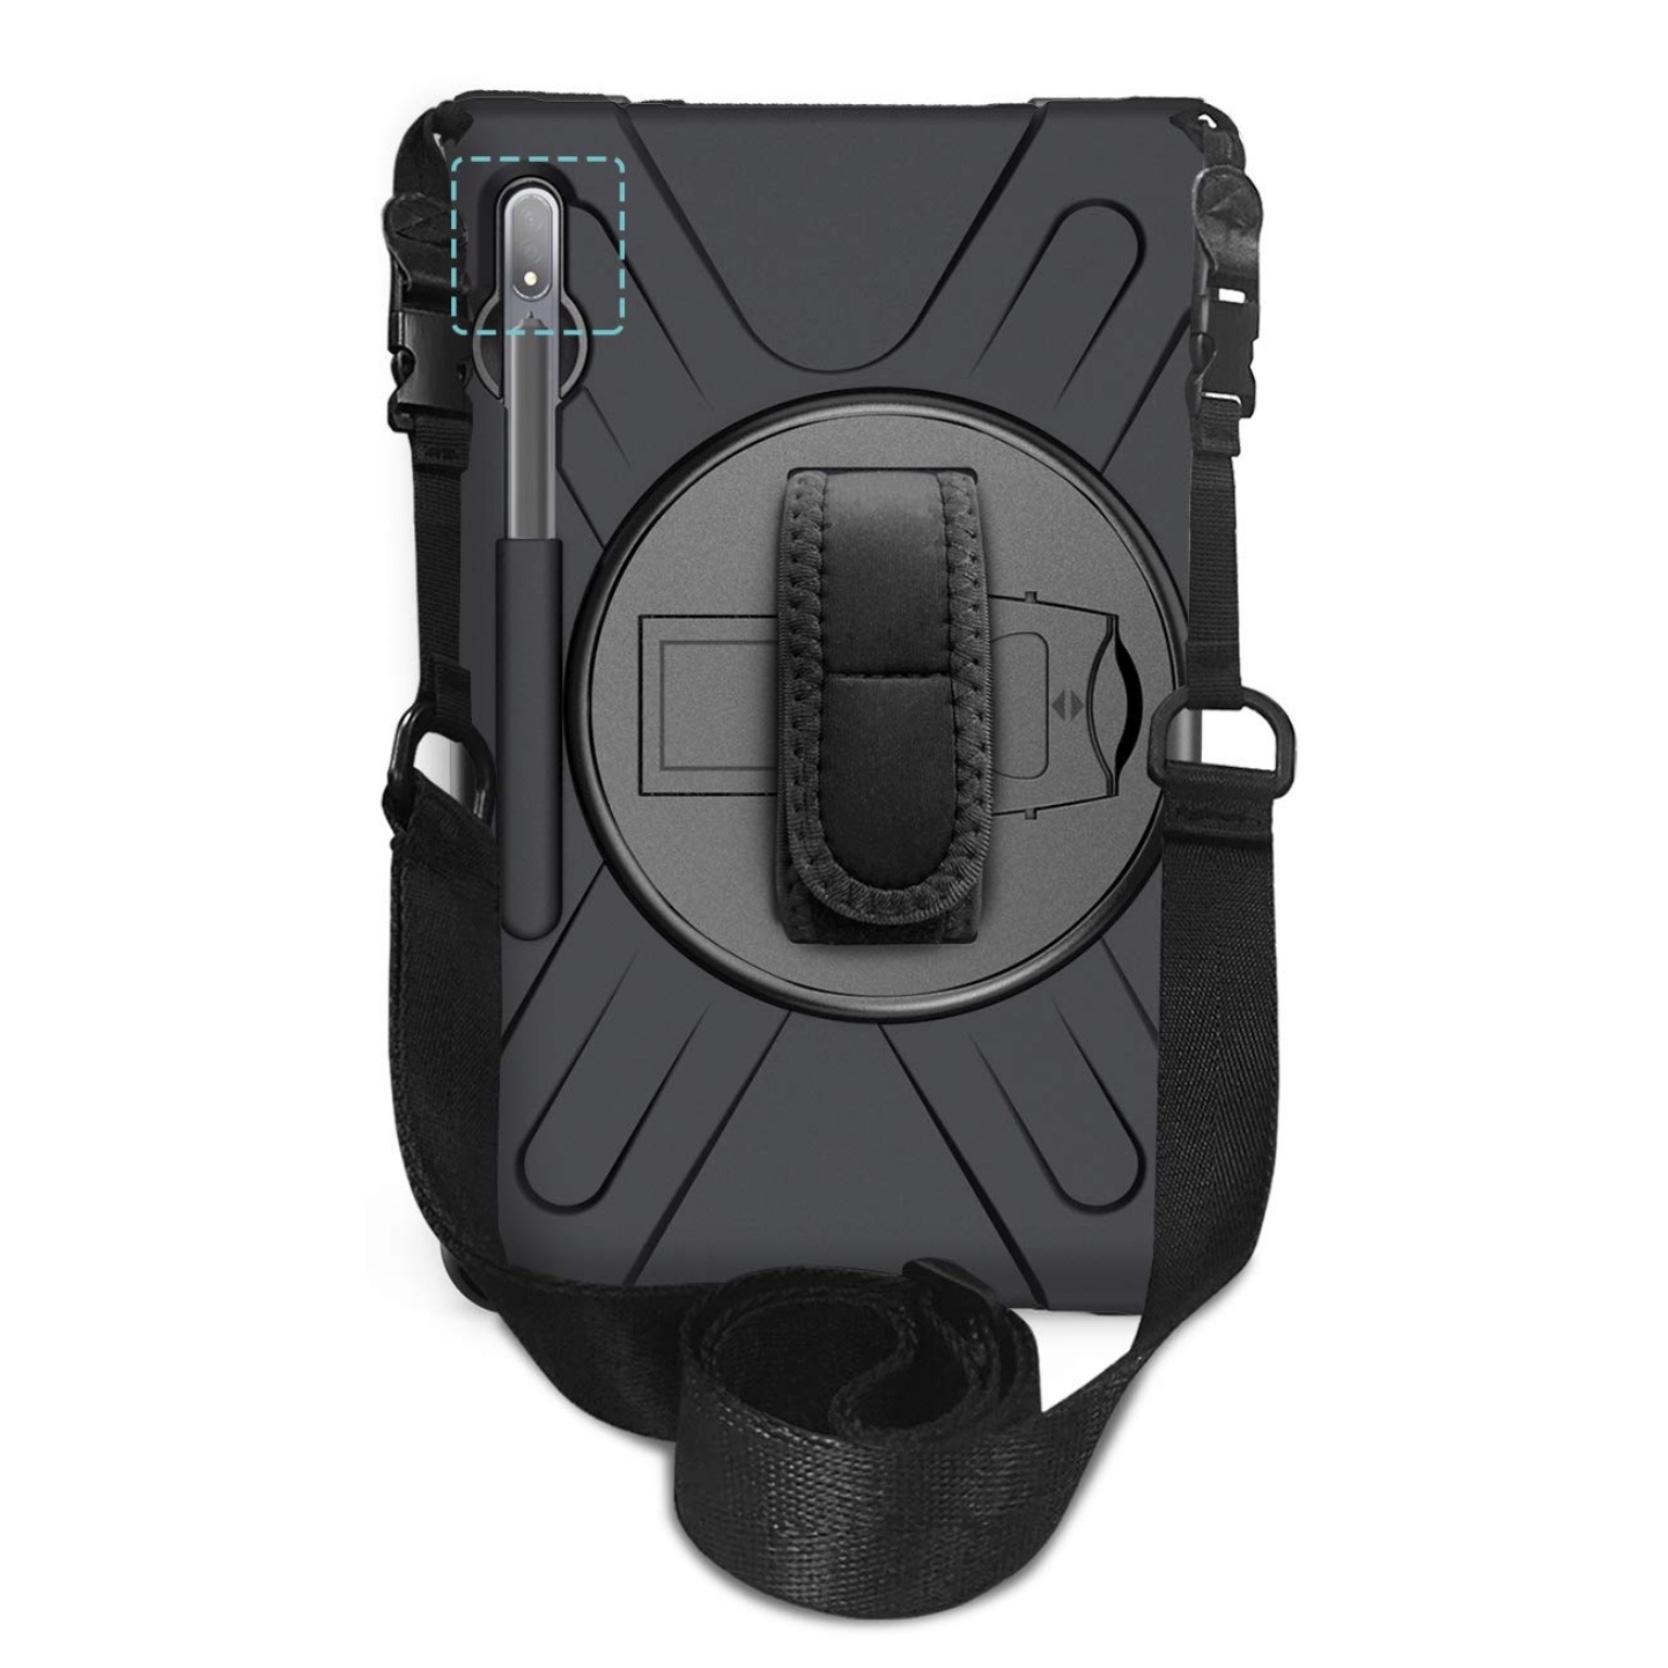 Samsung Galaxy TAB S7 11 pouces Pack 3 en 1 Coque Vancouver Sangle main rotative et verre ecran